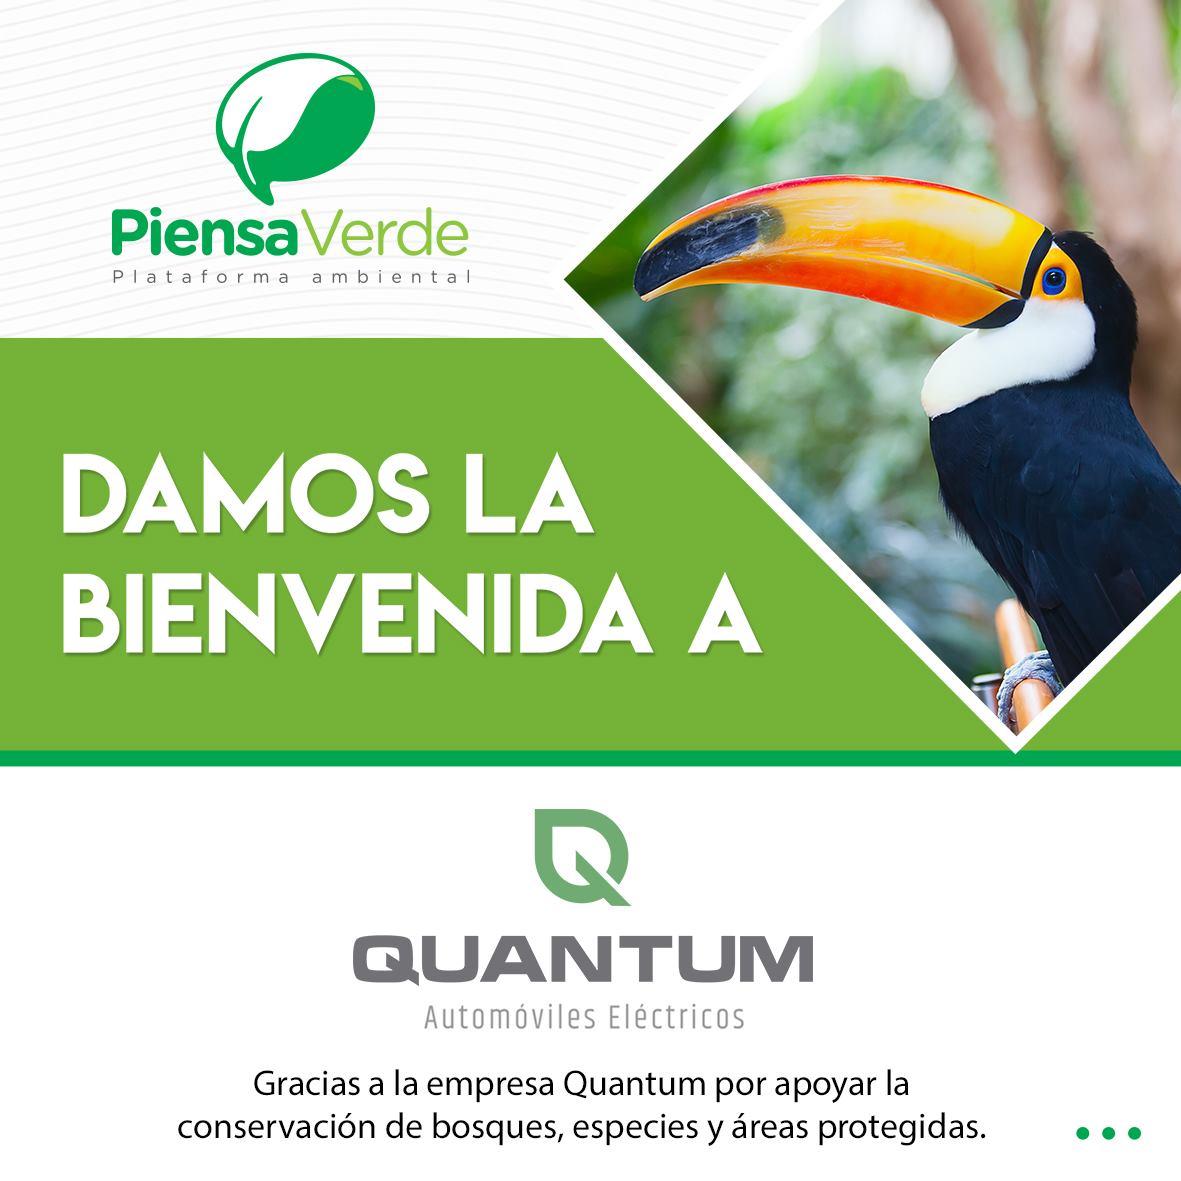 ¡Quantum se une a Piensa Verde y lanza bicicletas con las que puedes volar!